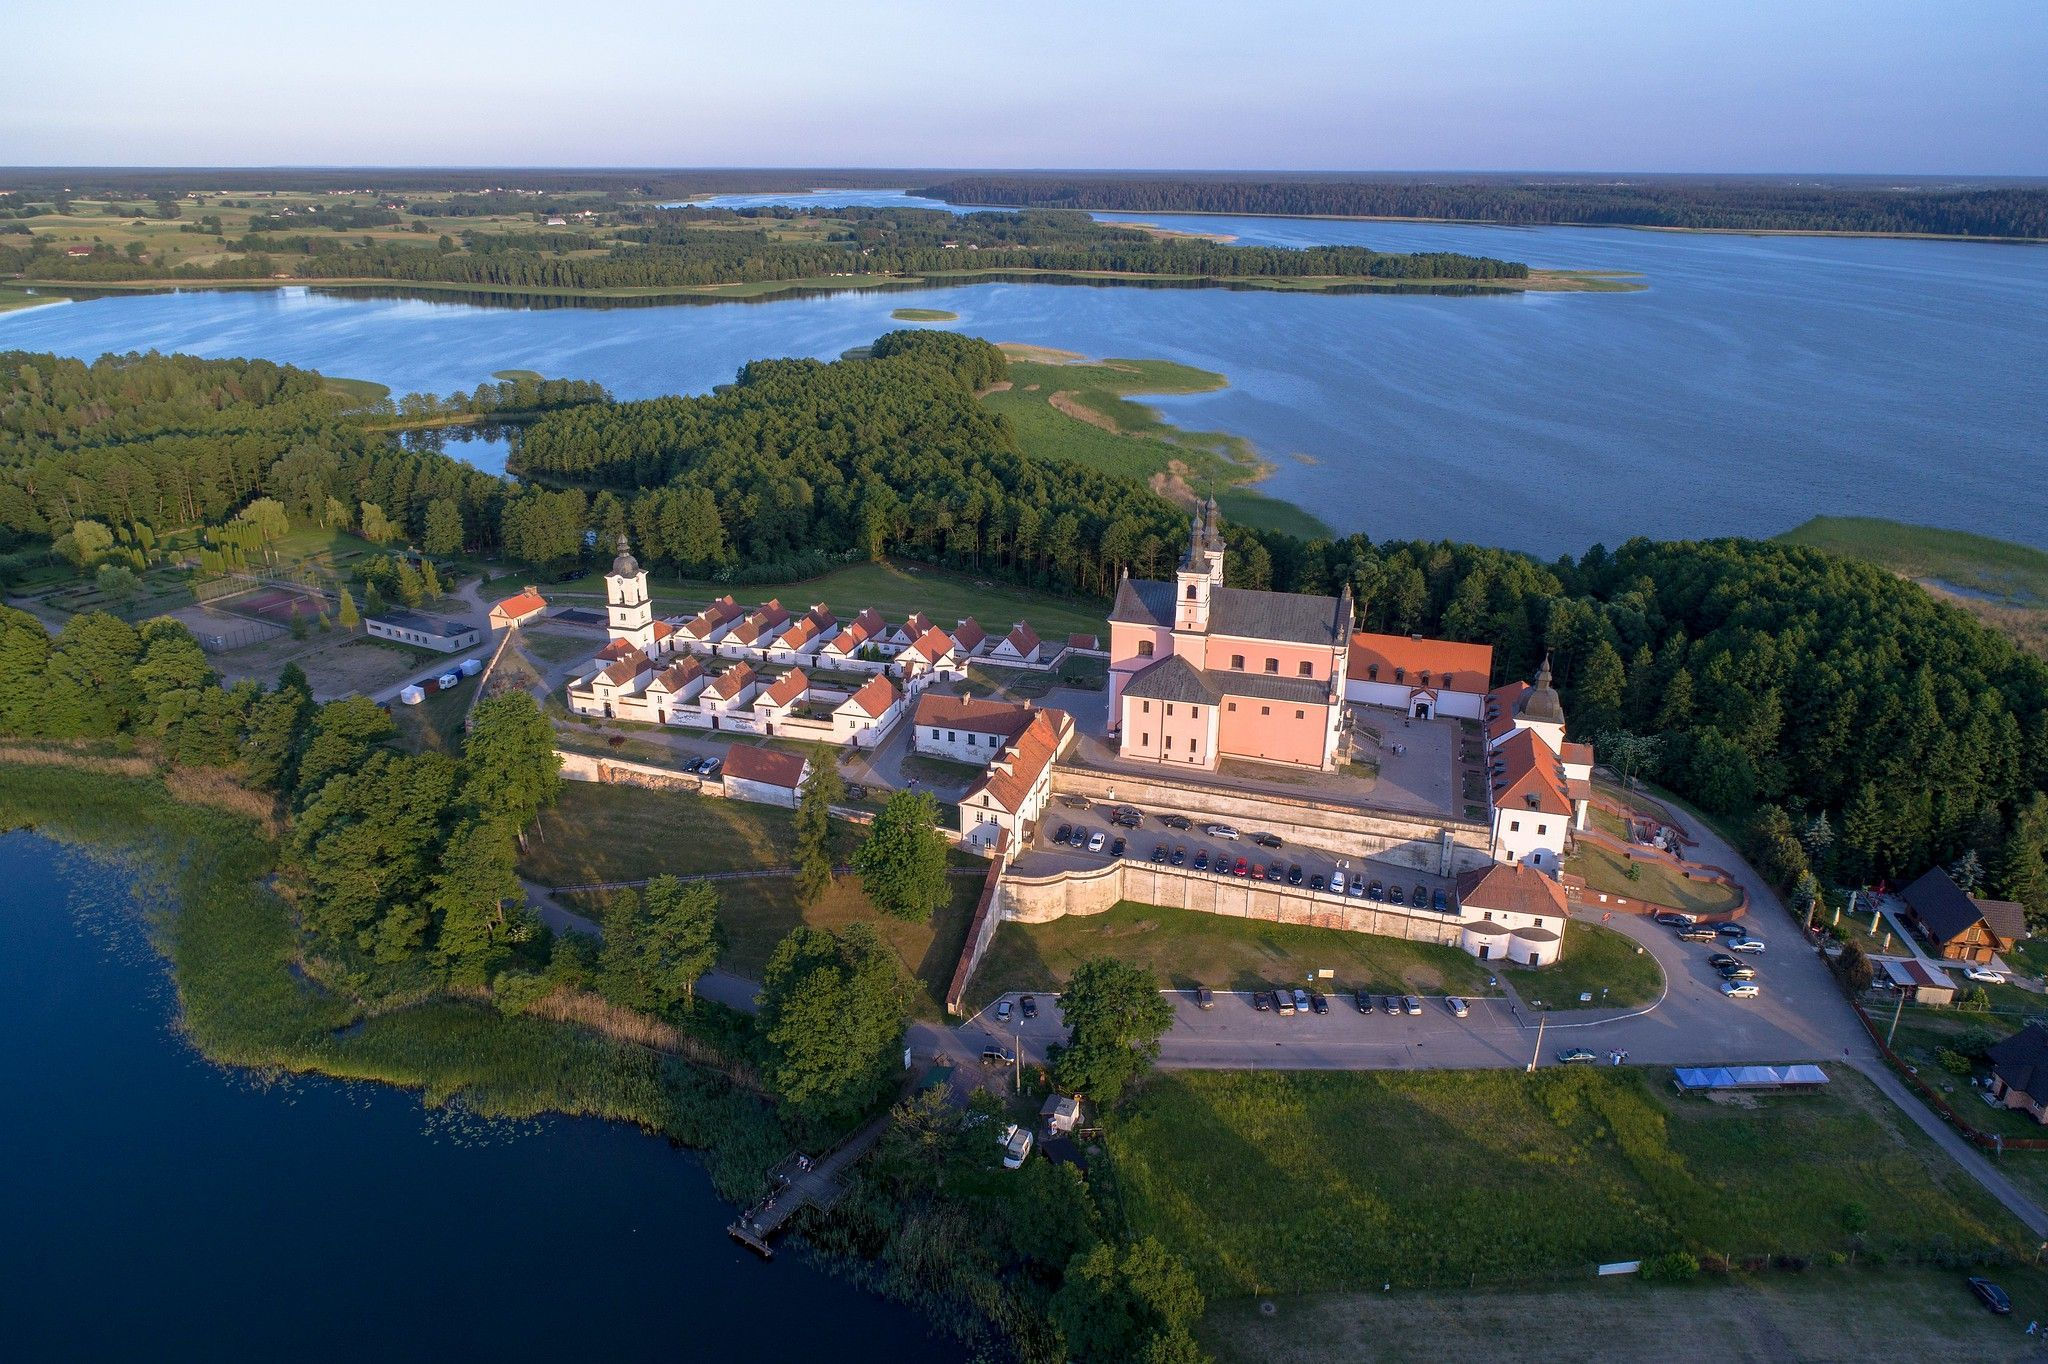 Poland  wigry monastery near suwalki  north east poland air. mariusz cieszewski